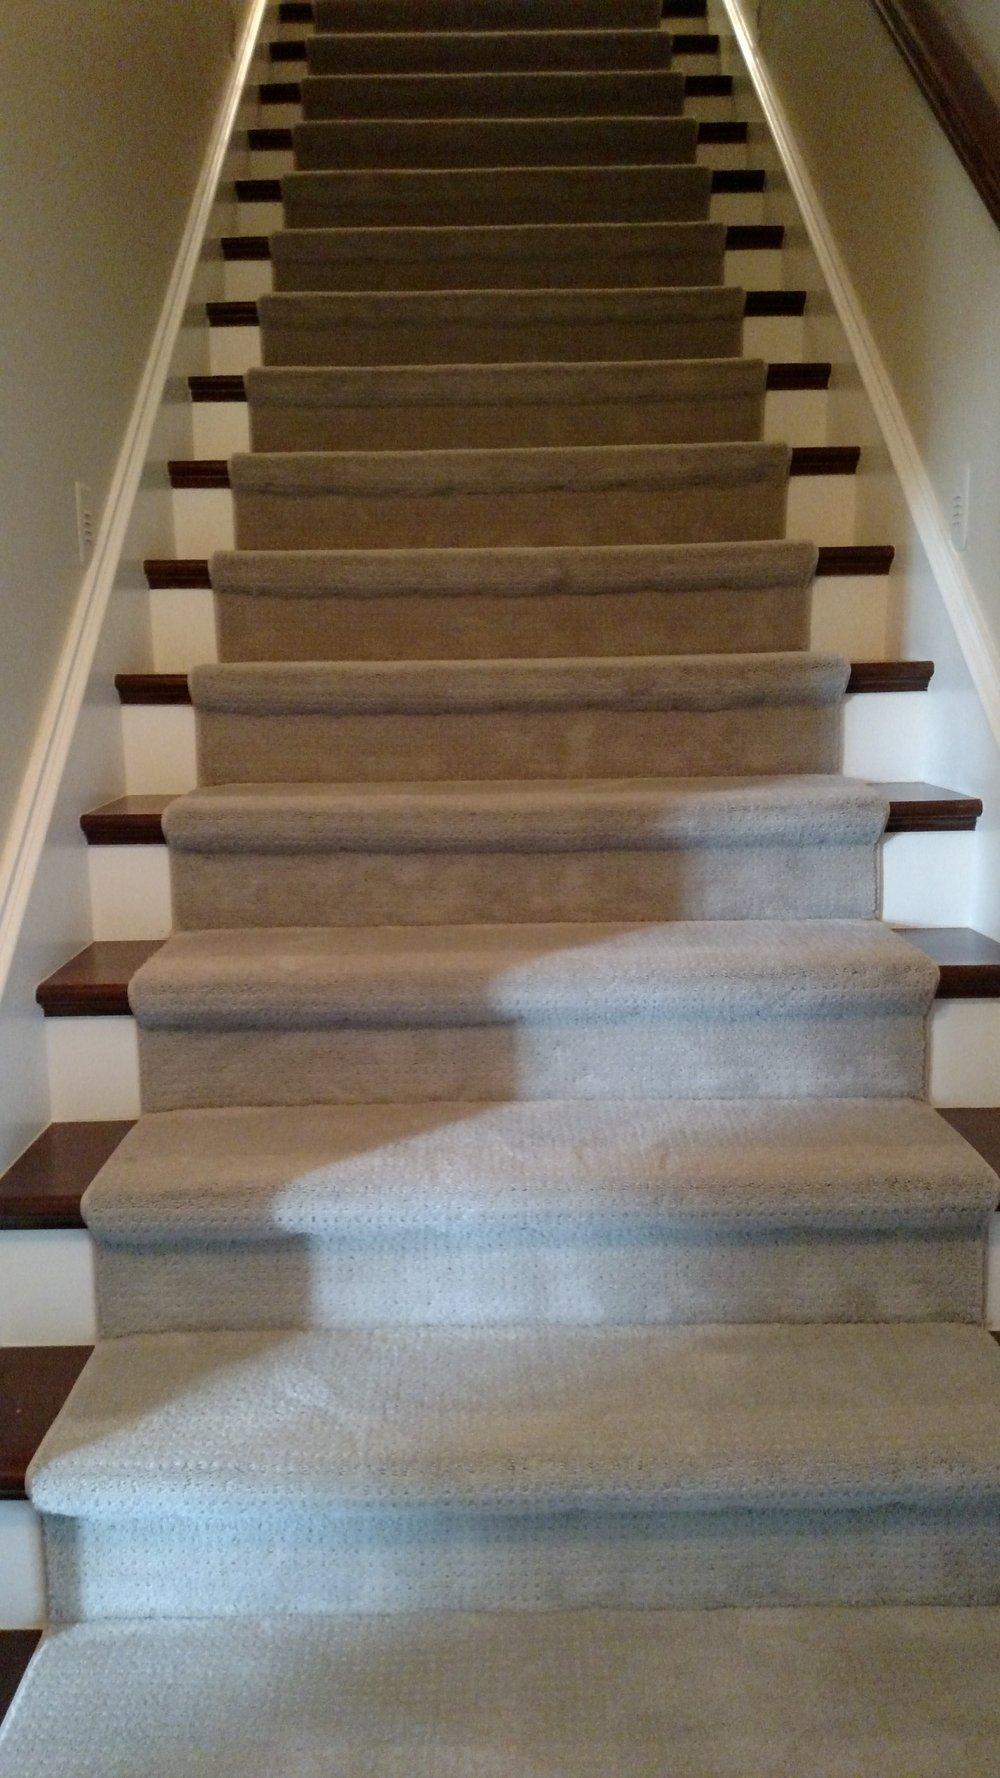 FurnitureStore Back Stairway.jpg